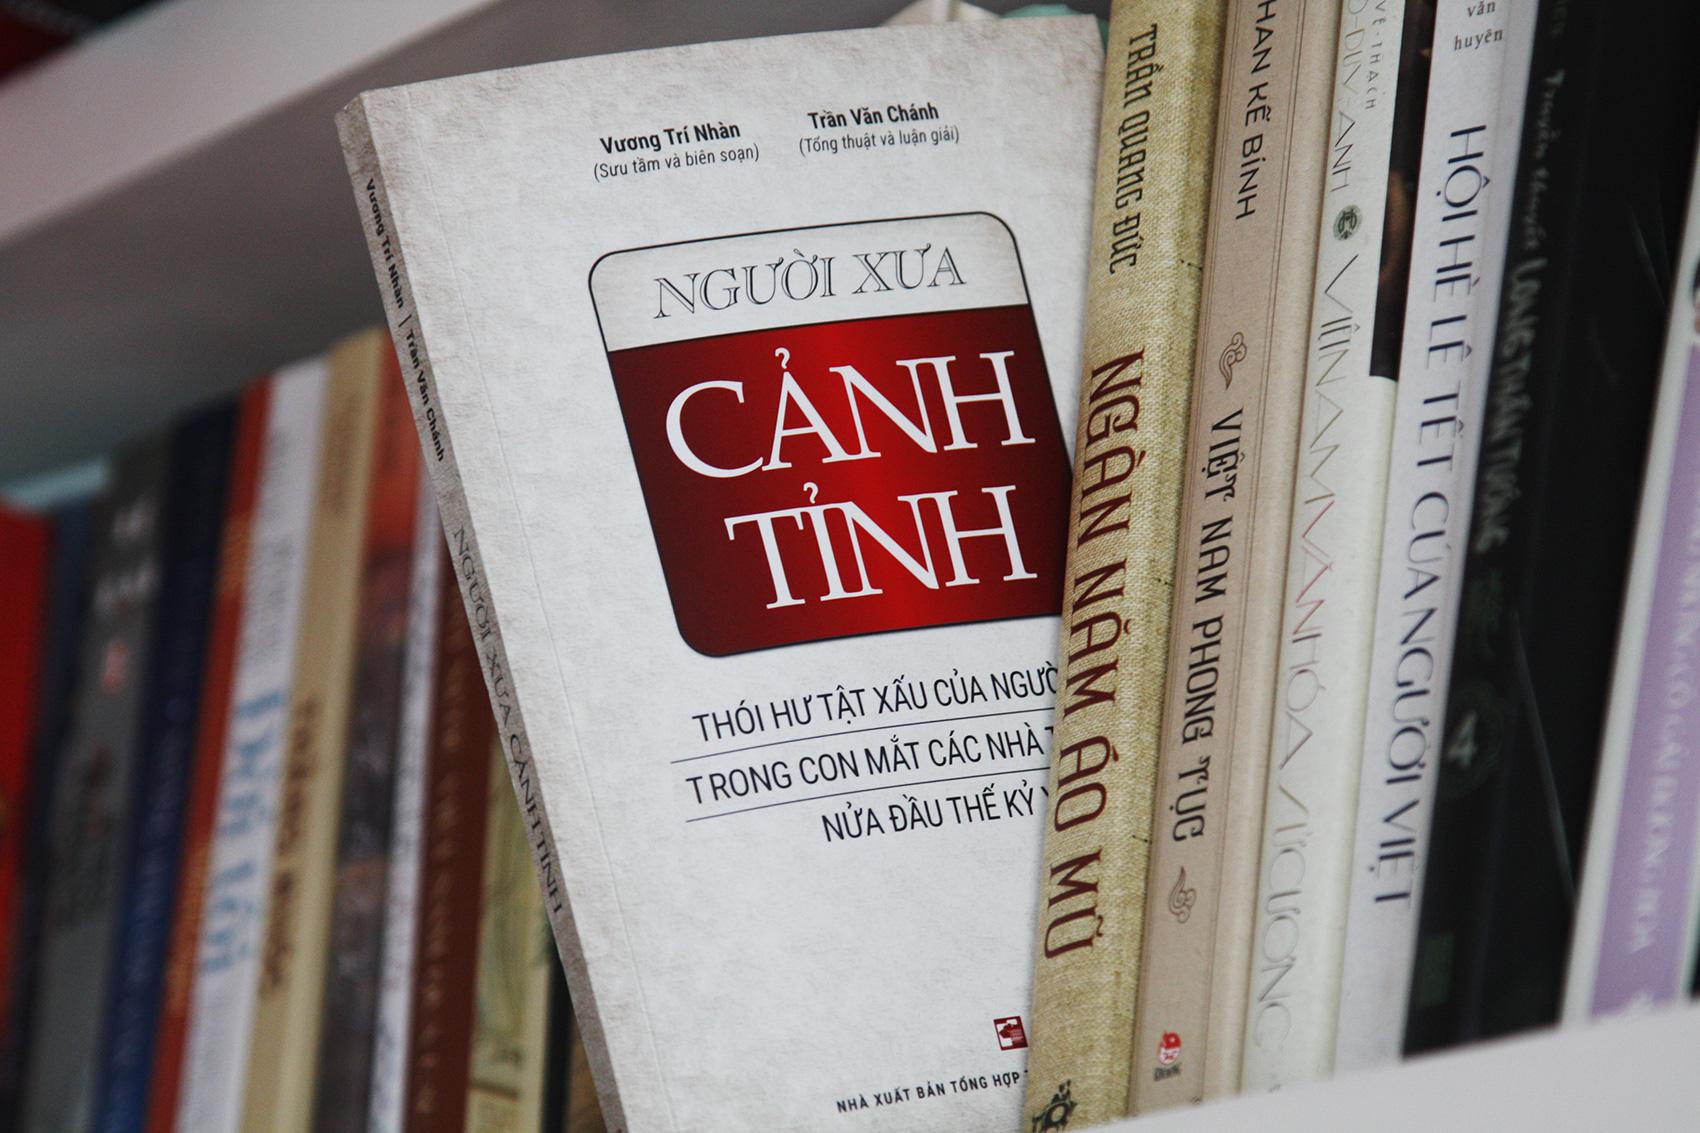 Người Việt vô công rồi nghề, hay than vãn, không lý tưởng - Ảnh 1.